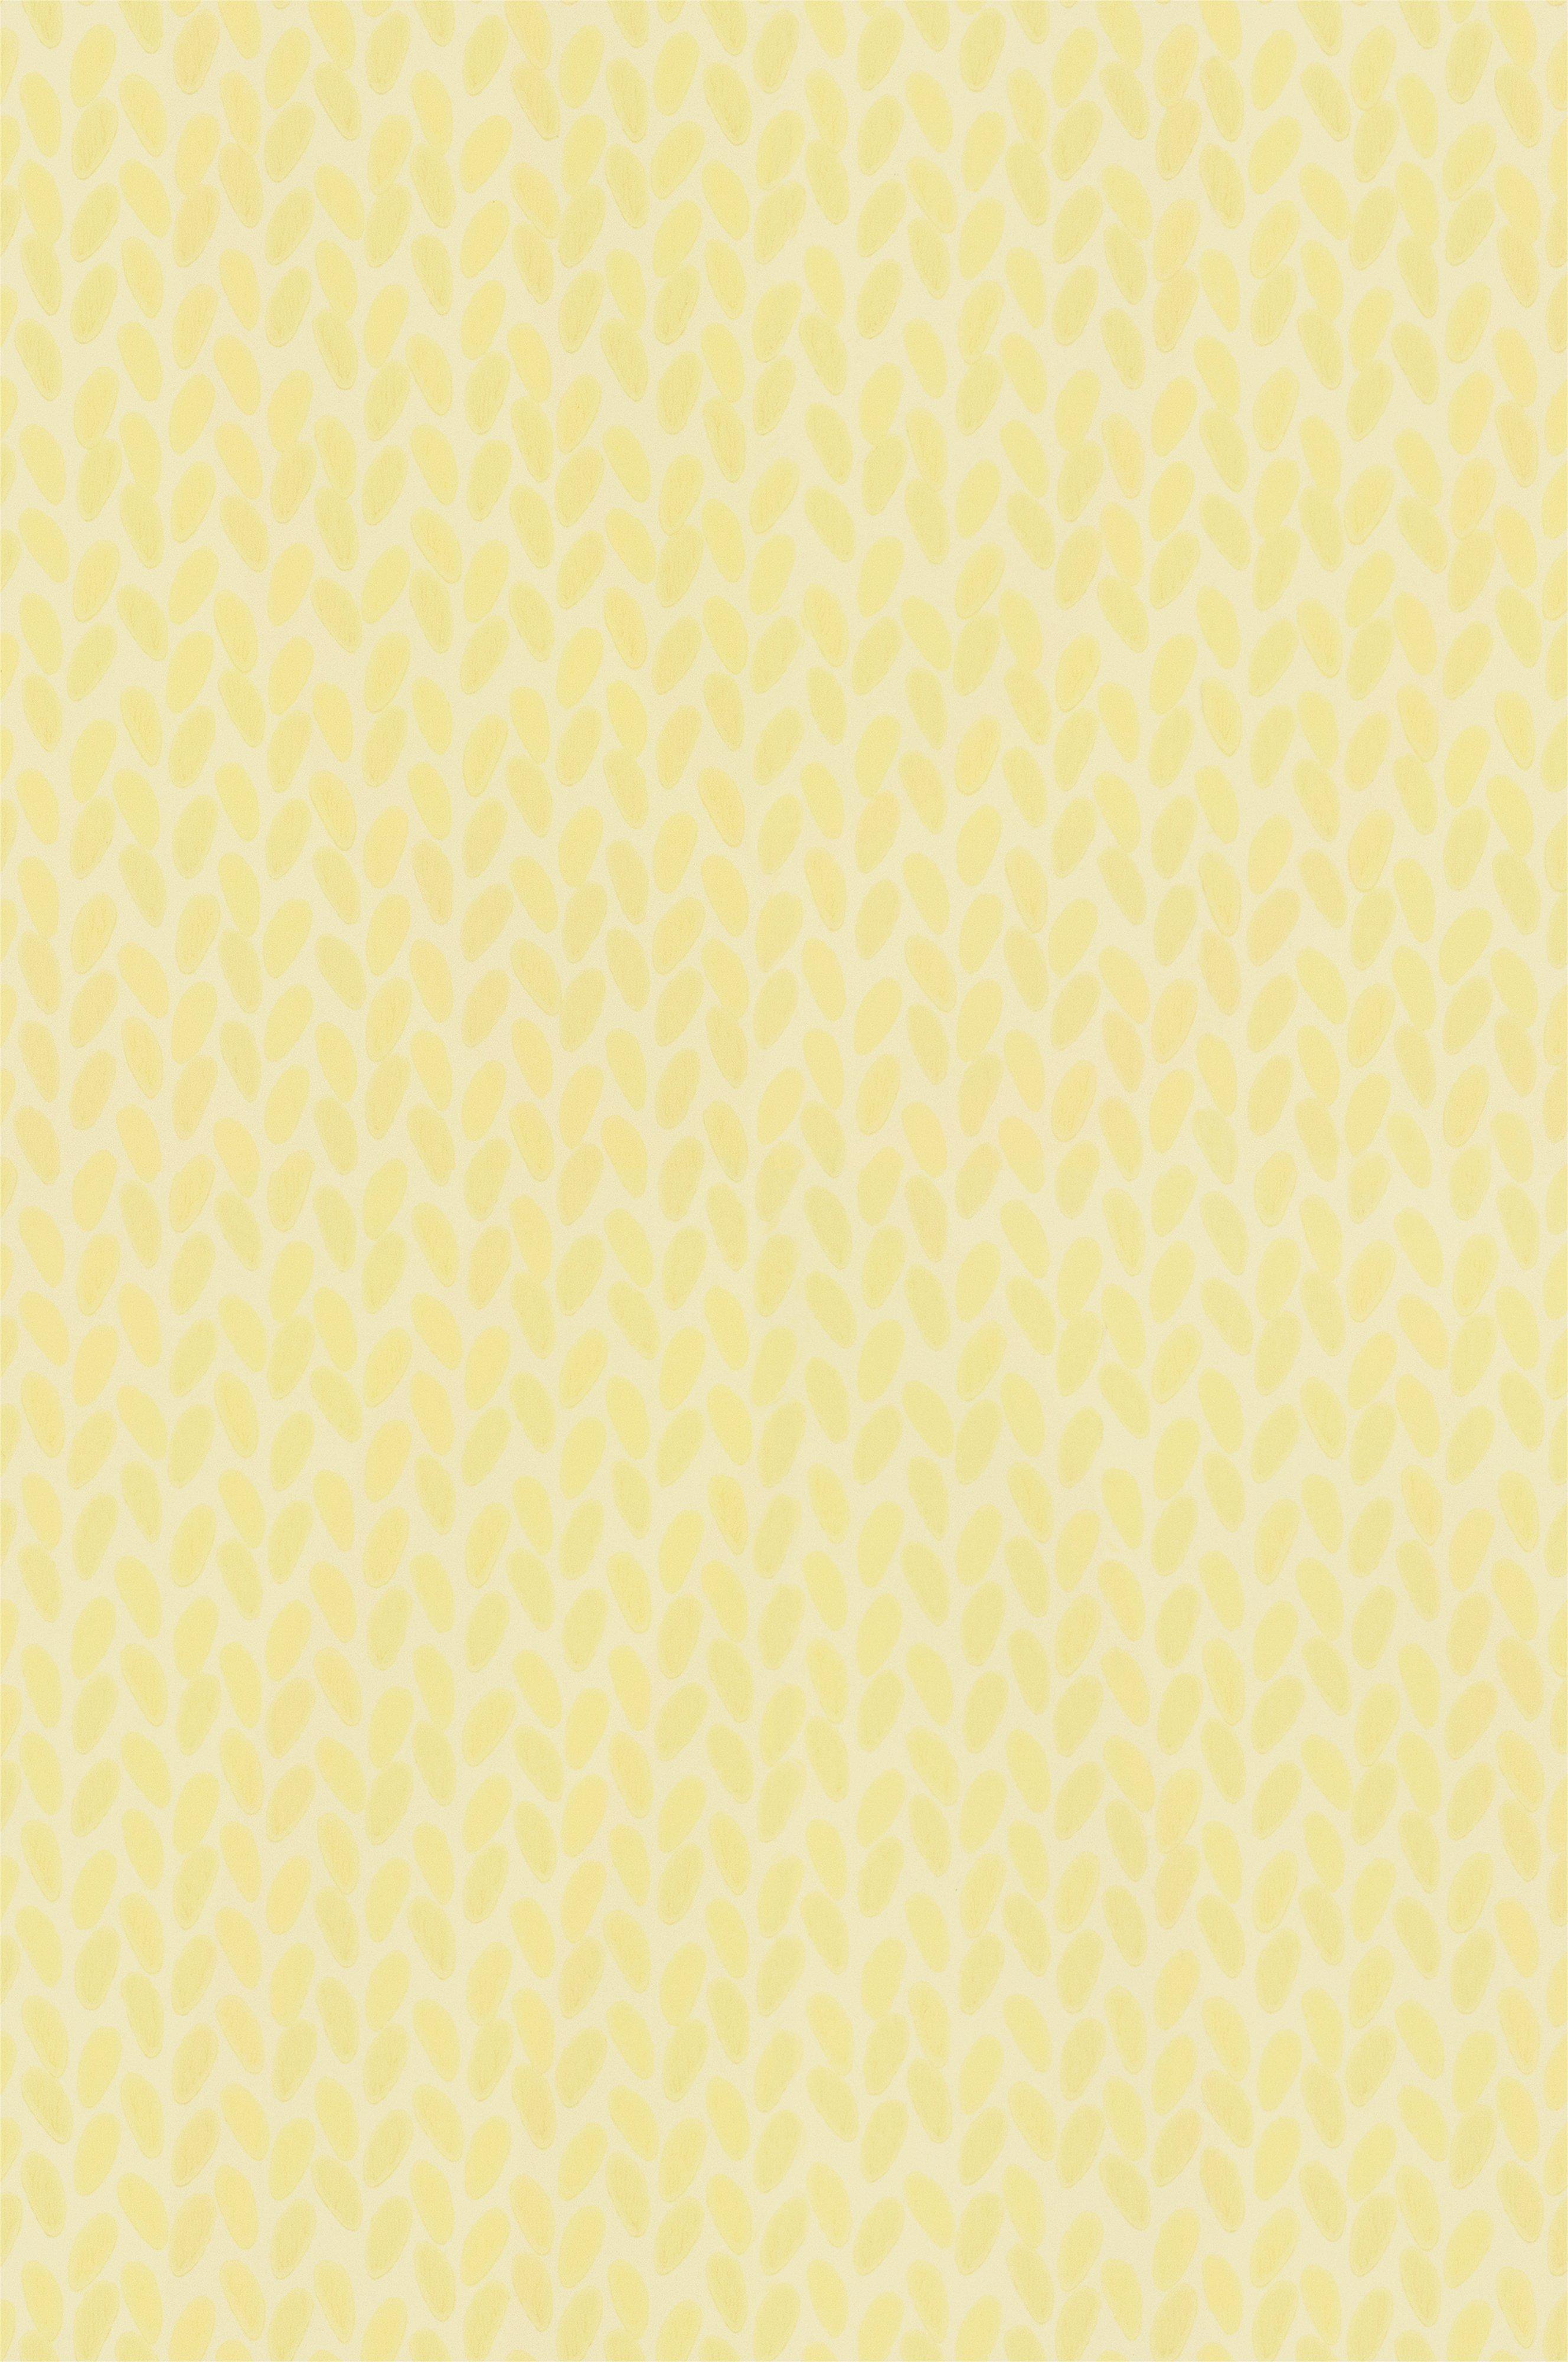 Tapet Ella in Asthetic Backgrounds Pinterest Wallpaper